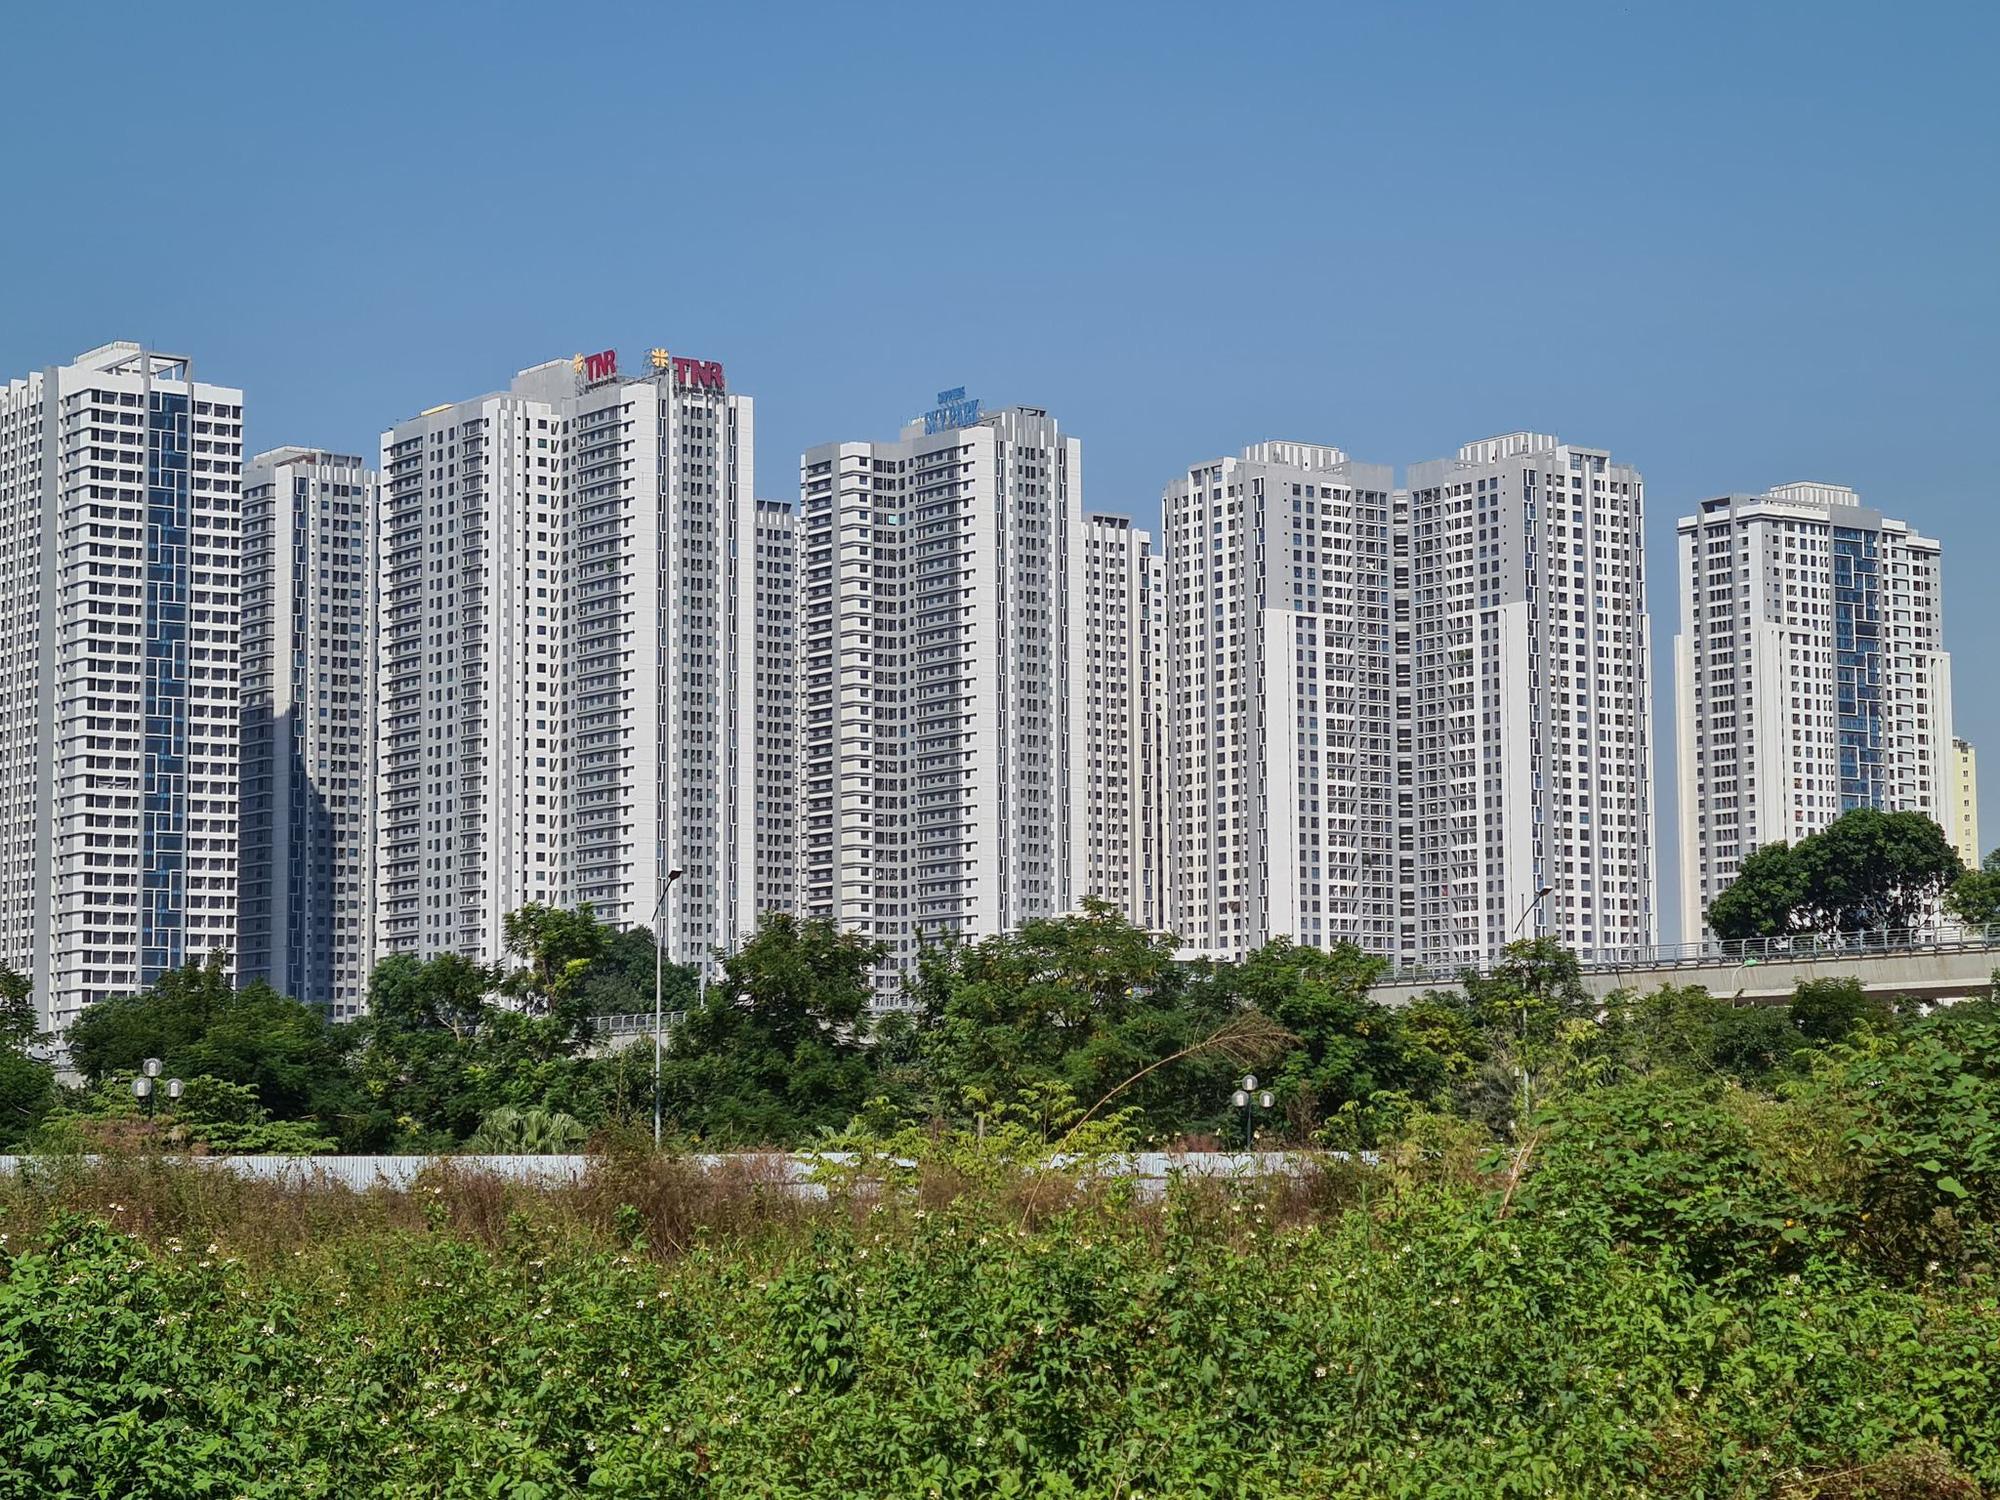 Nhiệm kỳ bộ trưởng Phạm Hồng Hà, thị trường bất động sản ra sao? - Ảnh 6.